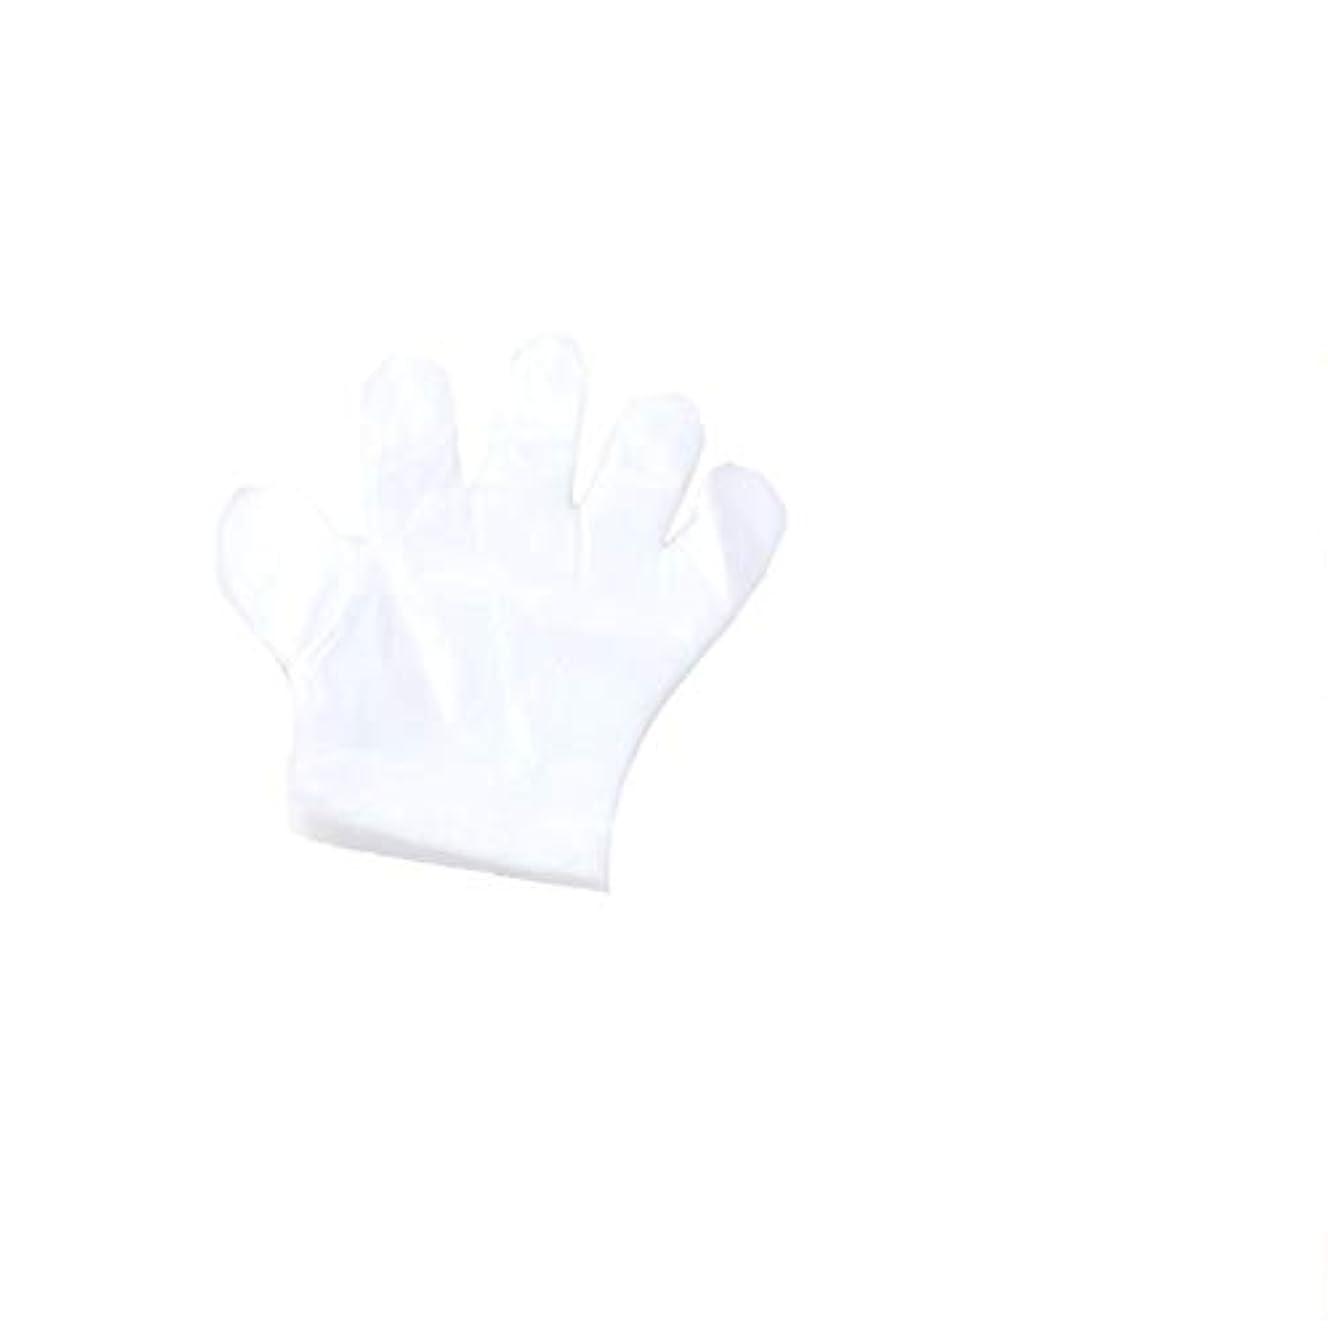 不明瞭彼自身検出可能手袋は、2000年の食品グレードの家庭用の透明プラスチック使い捨て手袋でのみ厚くなっています。 (UnitCount : 2000*2000)